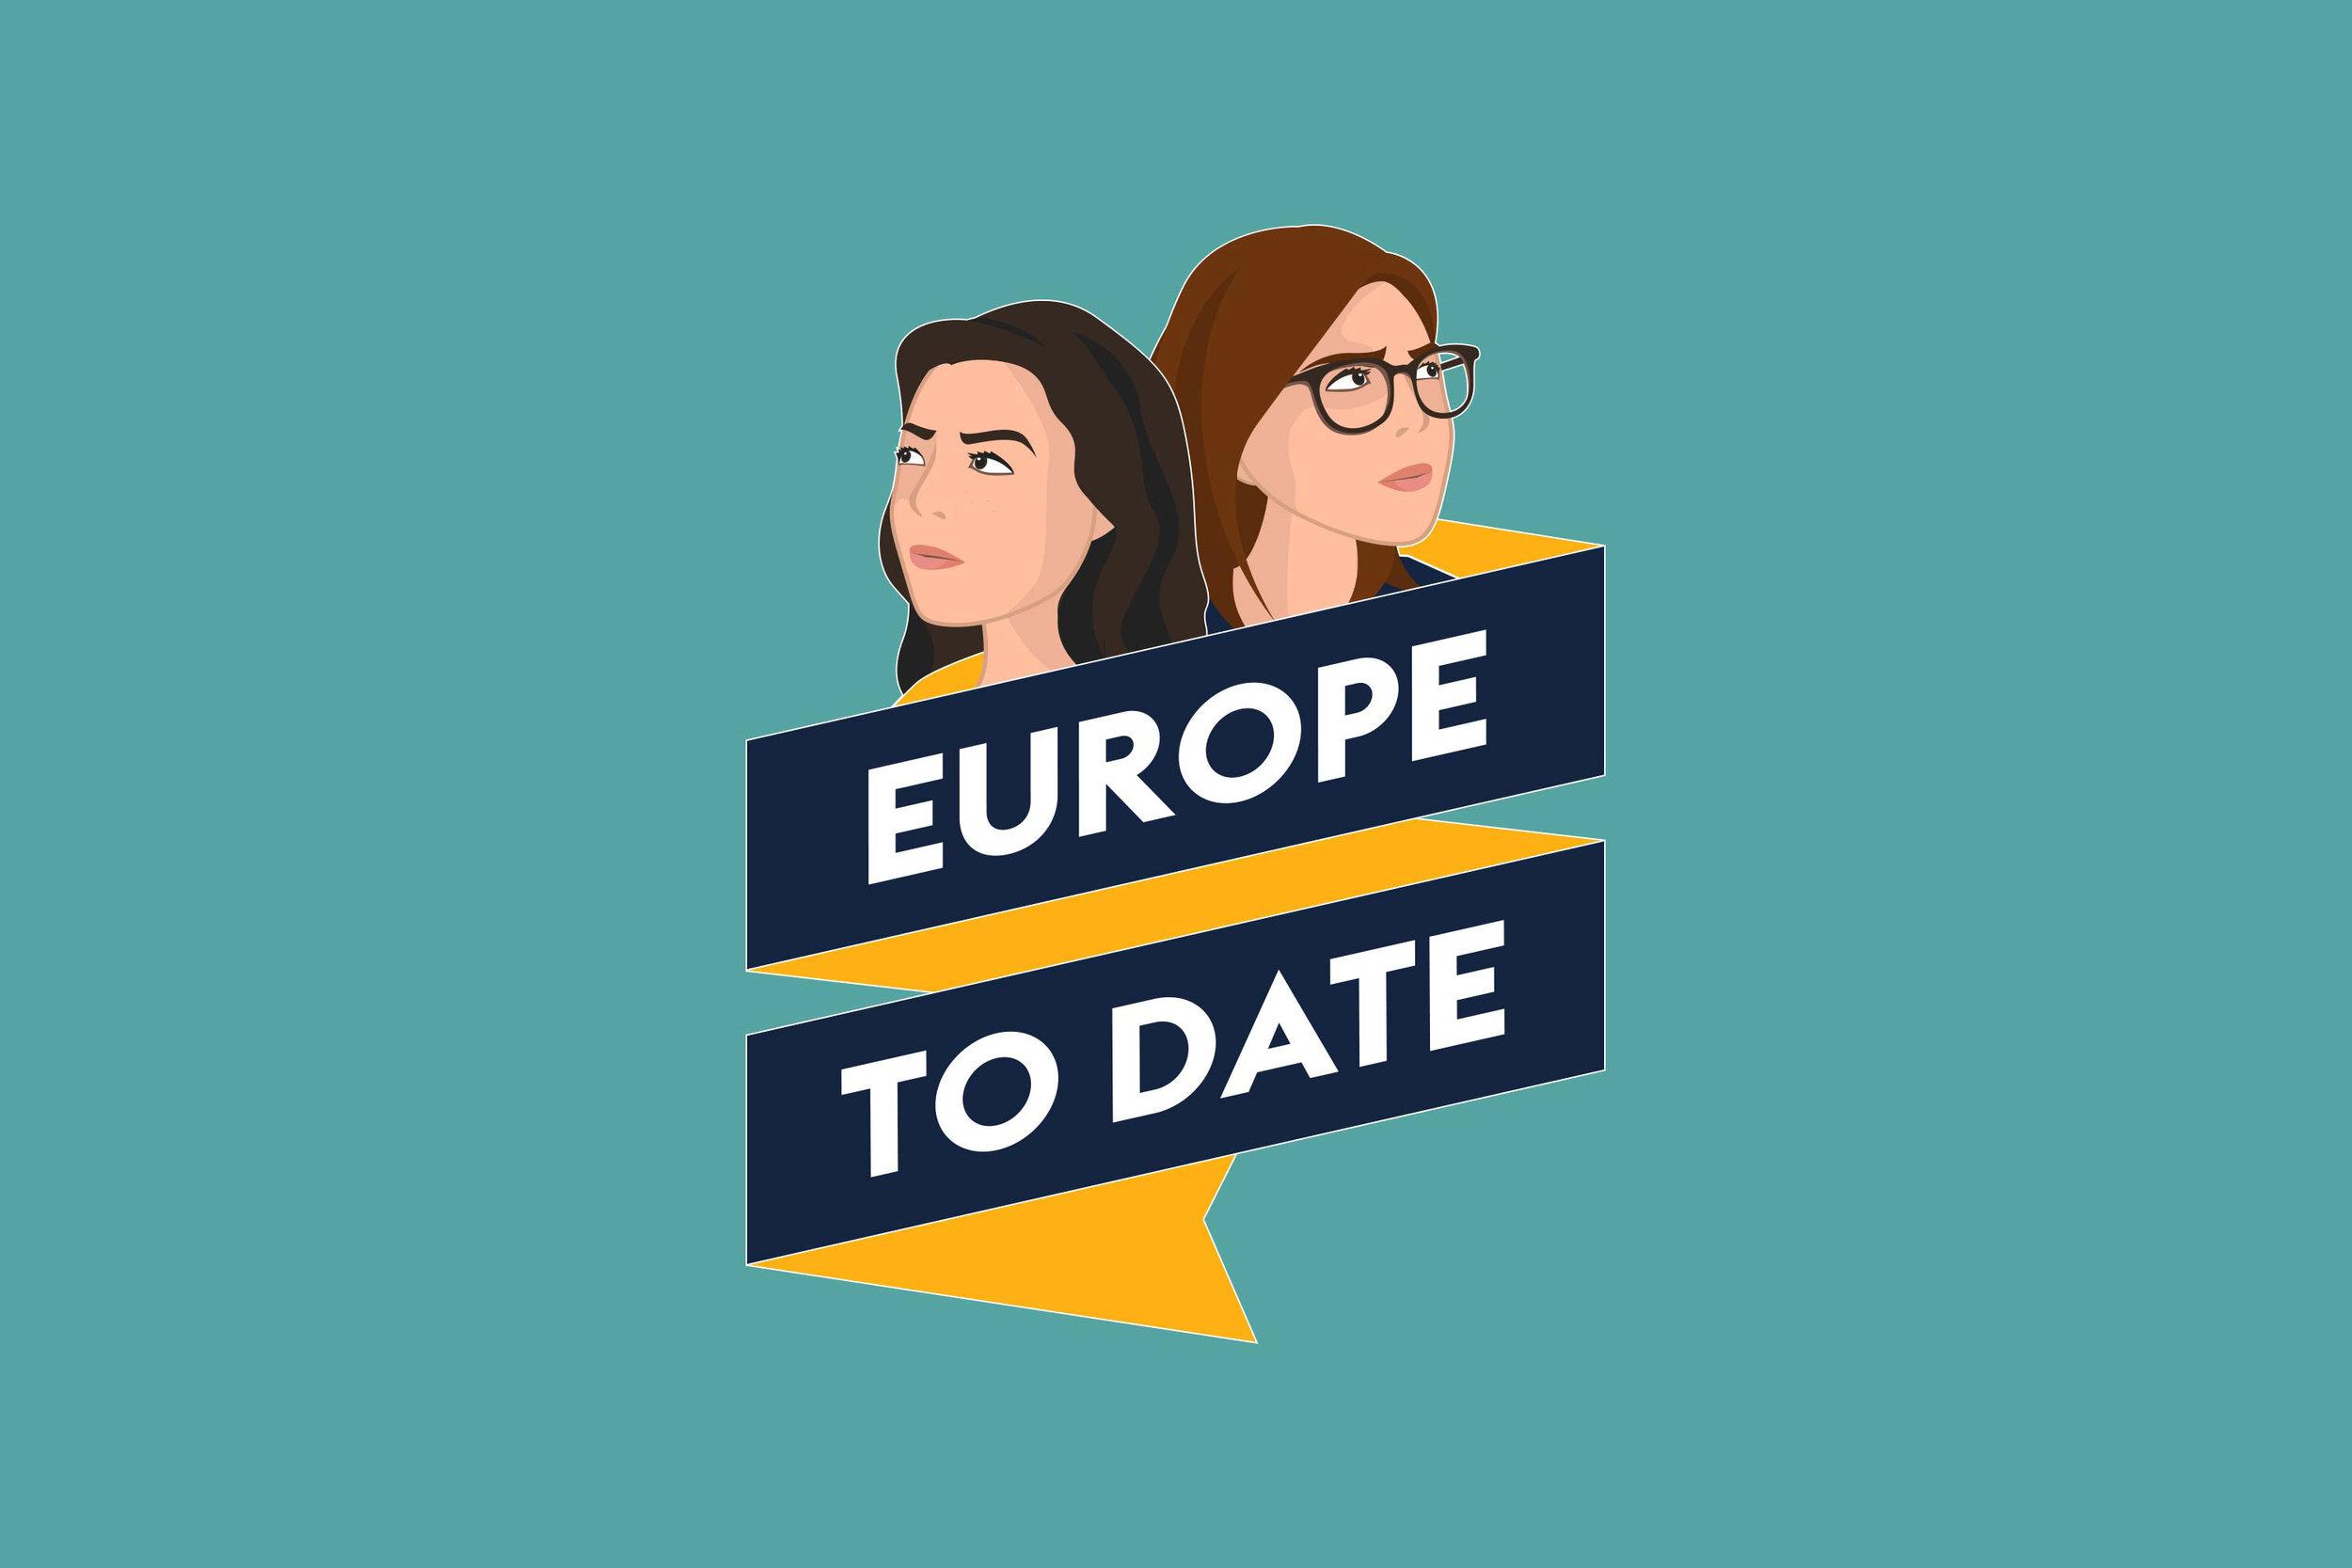 00_EuropeToDate_web.jpg